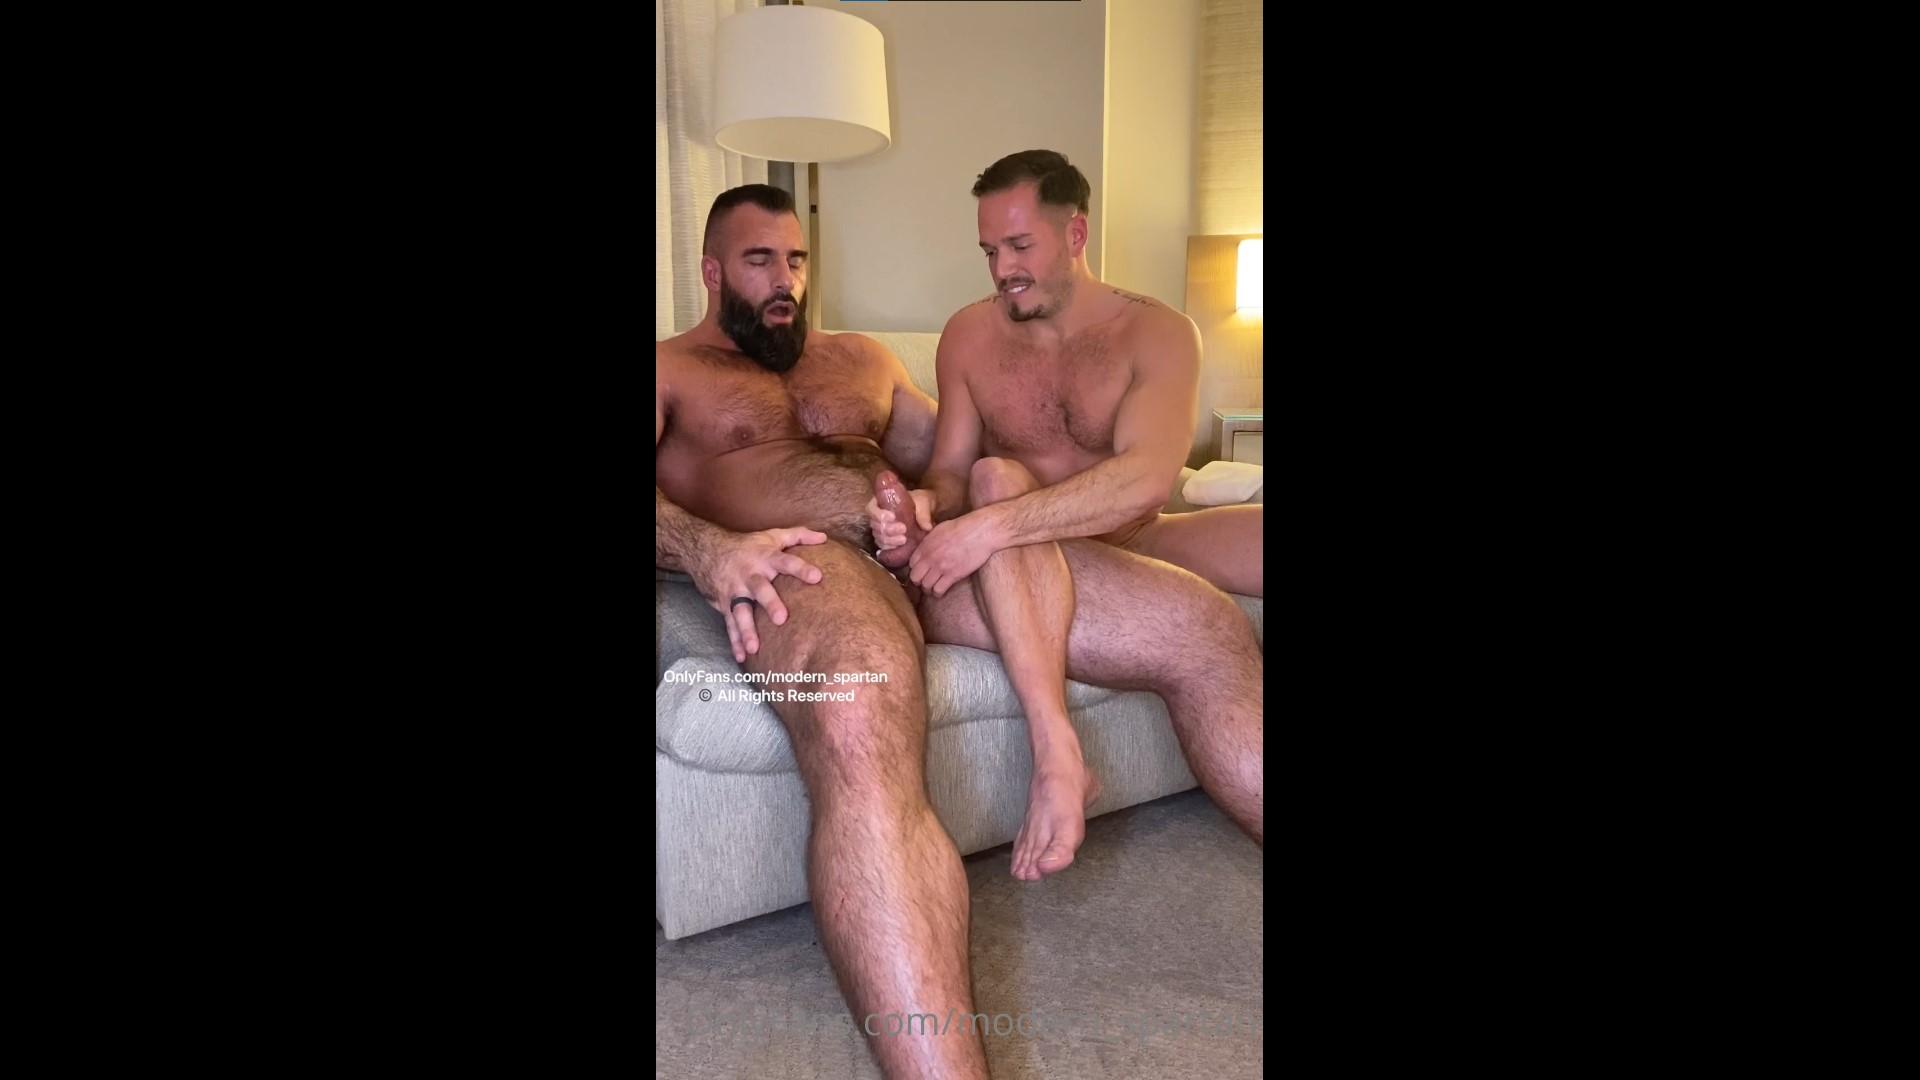 Max Richards (jerk_circus) gives Nick Pulos (modern_spartan) a handjob